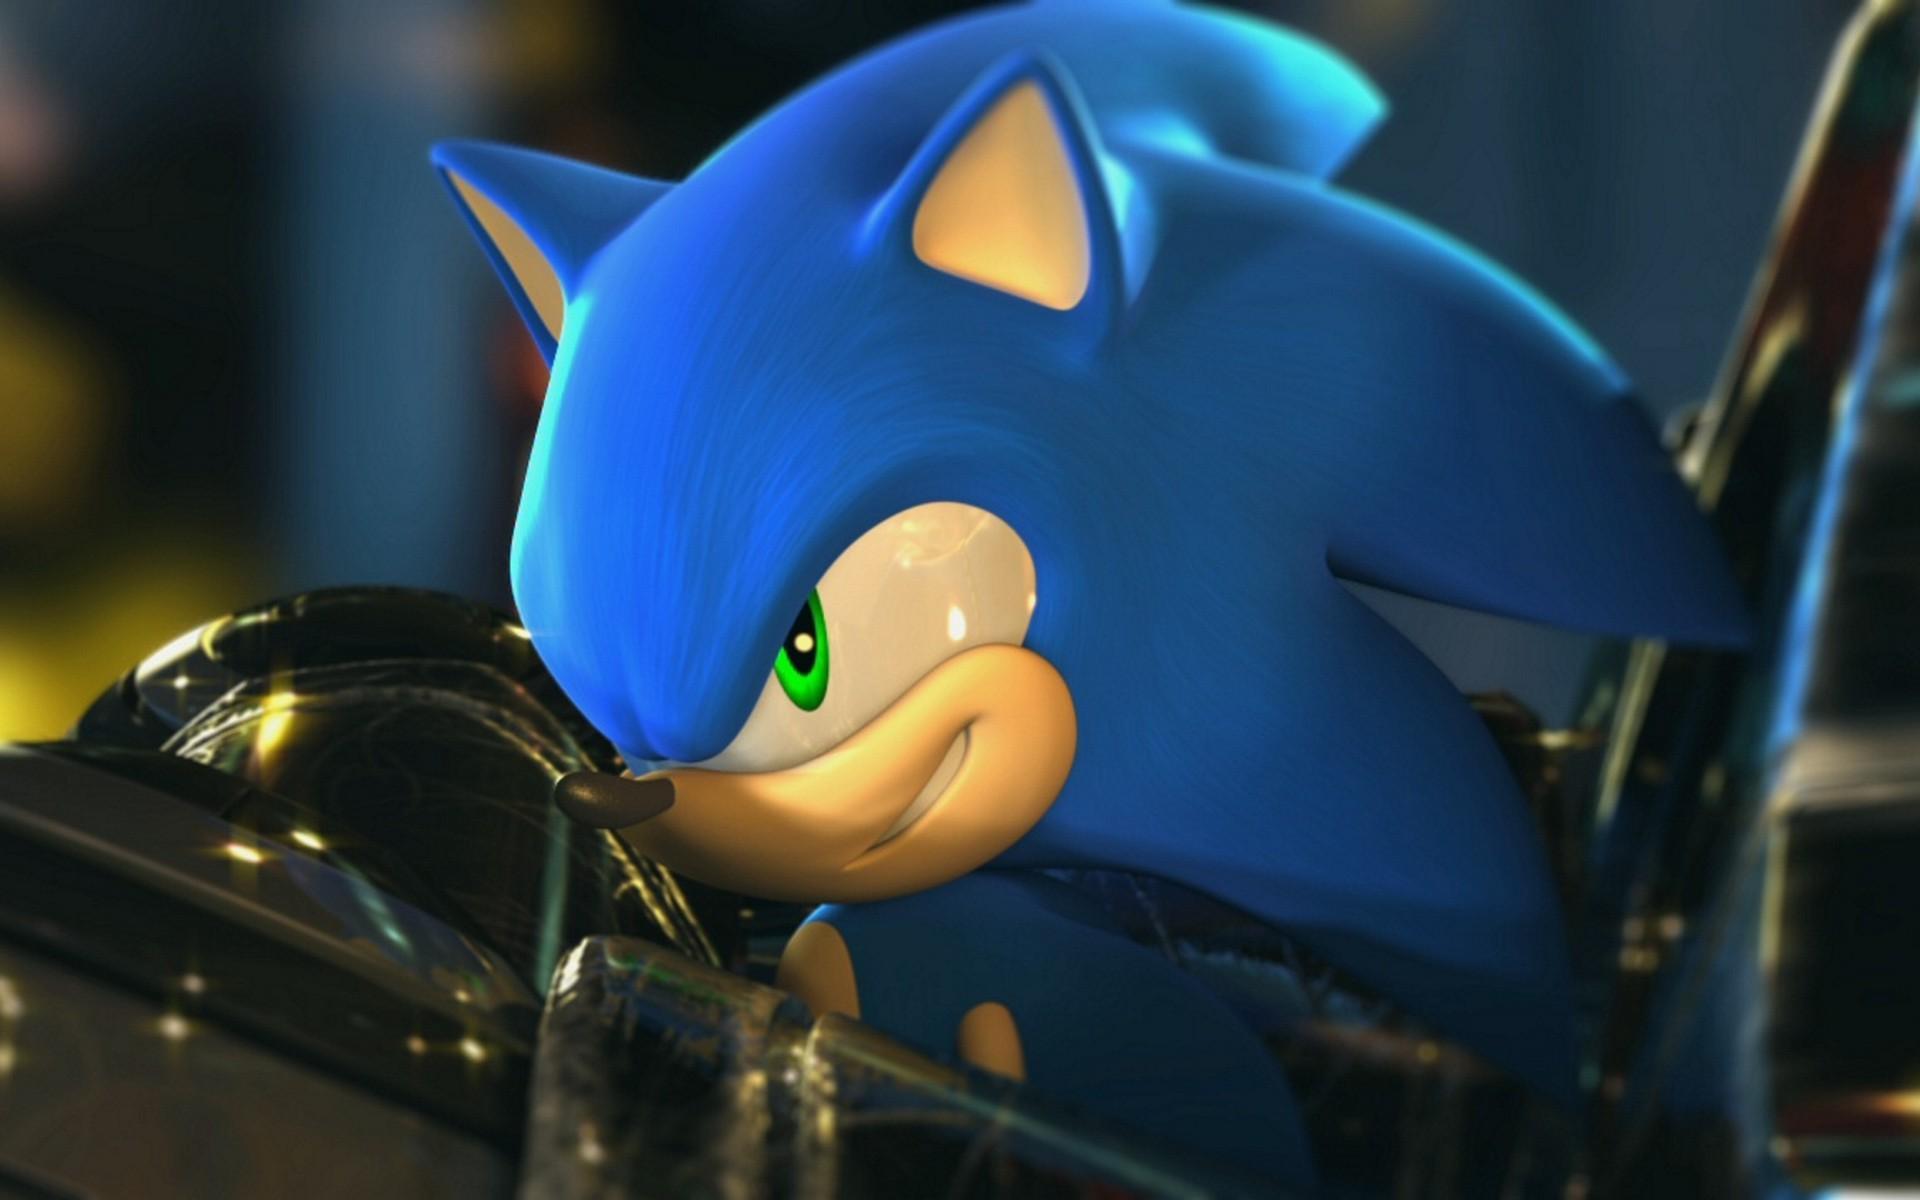 Sonic HD Wallpaper WallpaperSafari